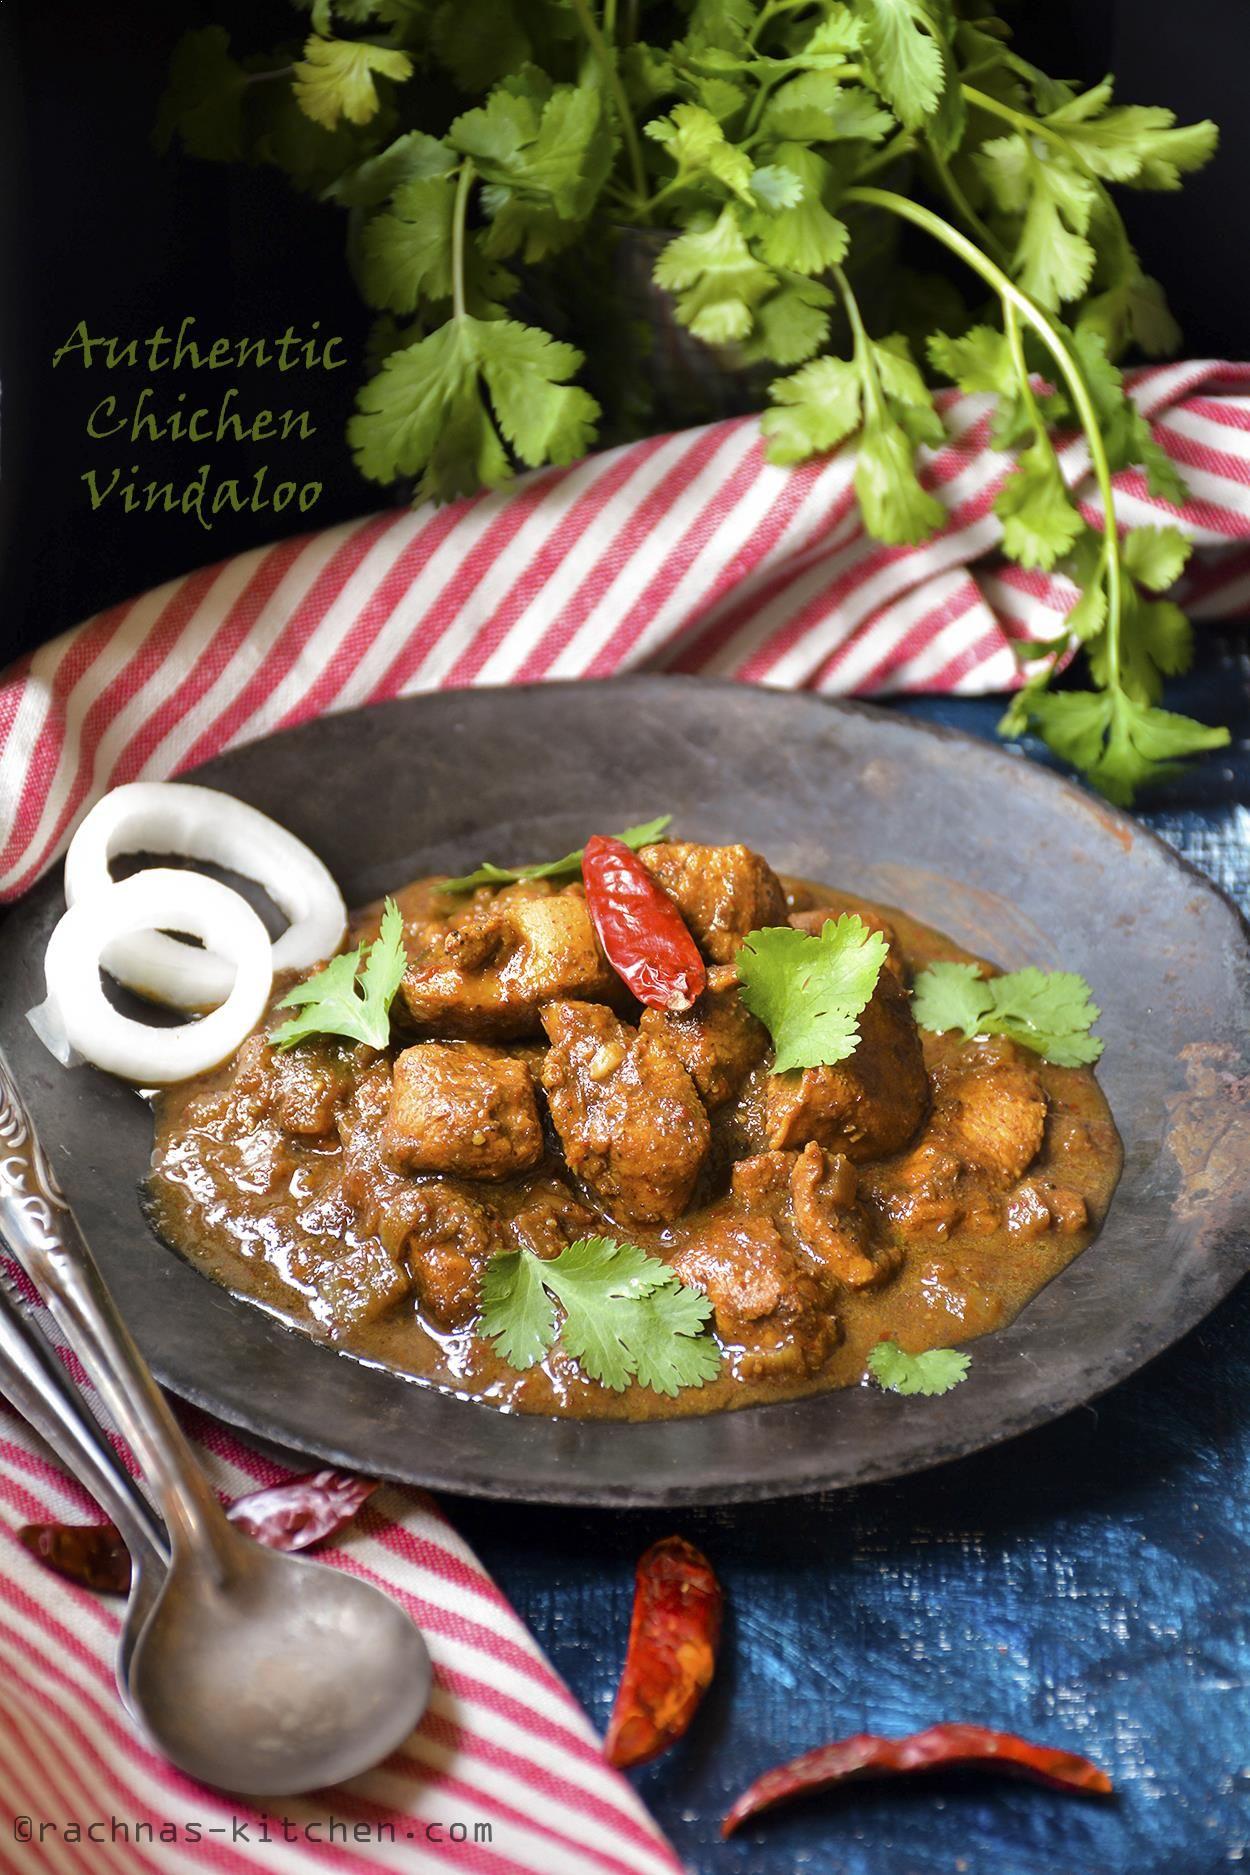 Chicken Vindaloo Recipe Authentic Chicken Vindaloo Recipe Recipe Vindaloo Recipe Chicken Vindaloo Chicken Vindaloo Recipe